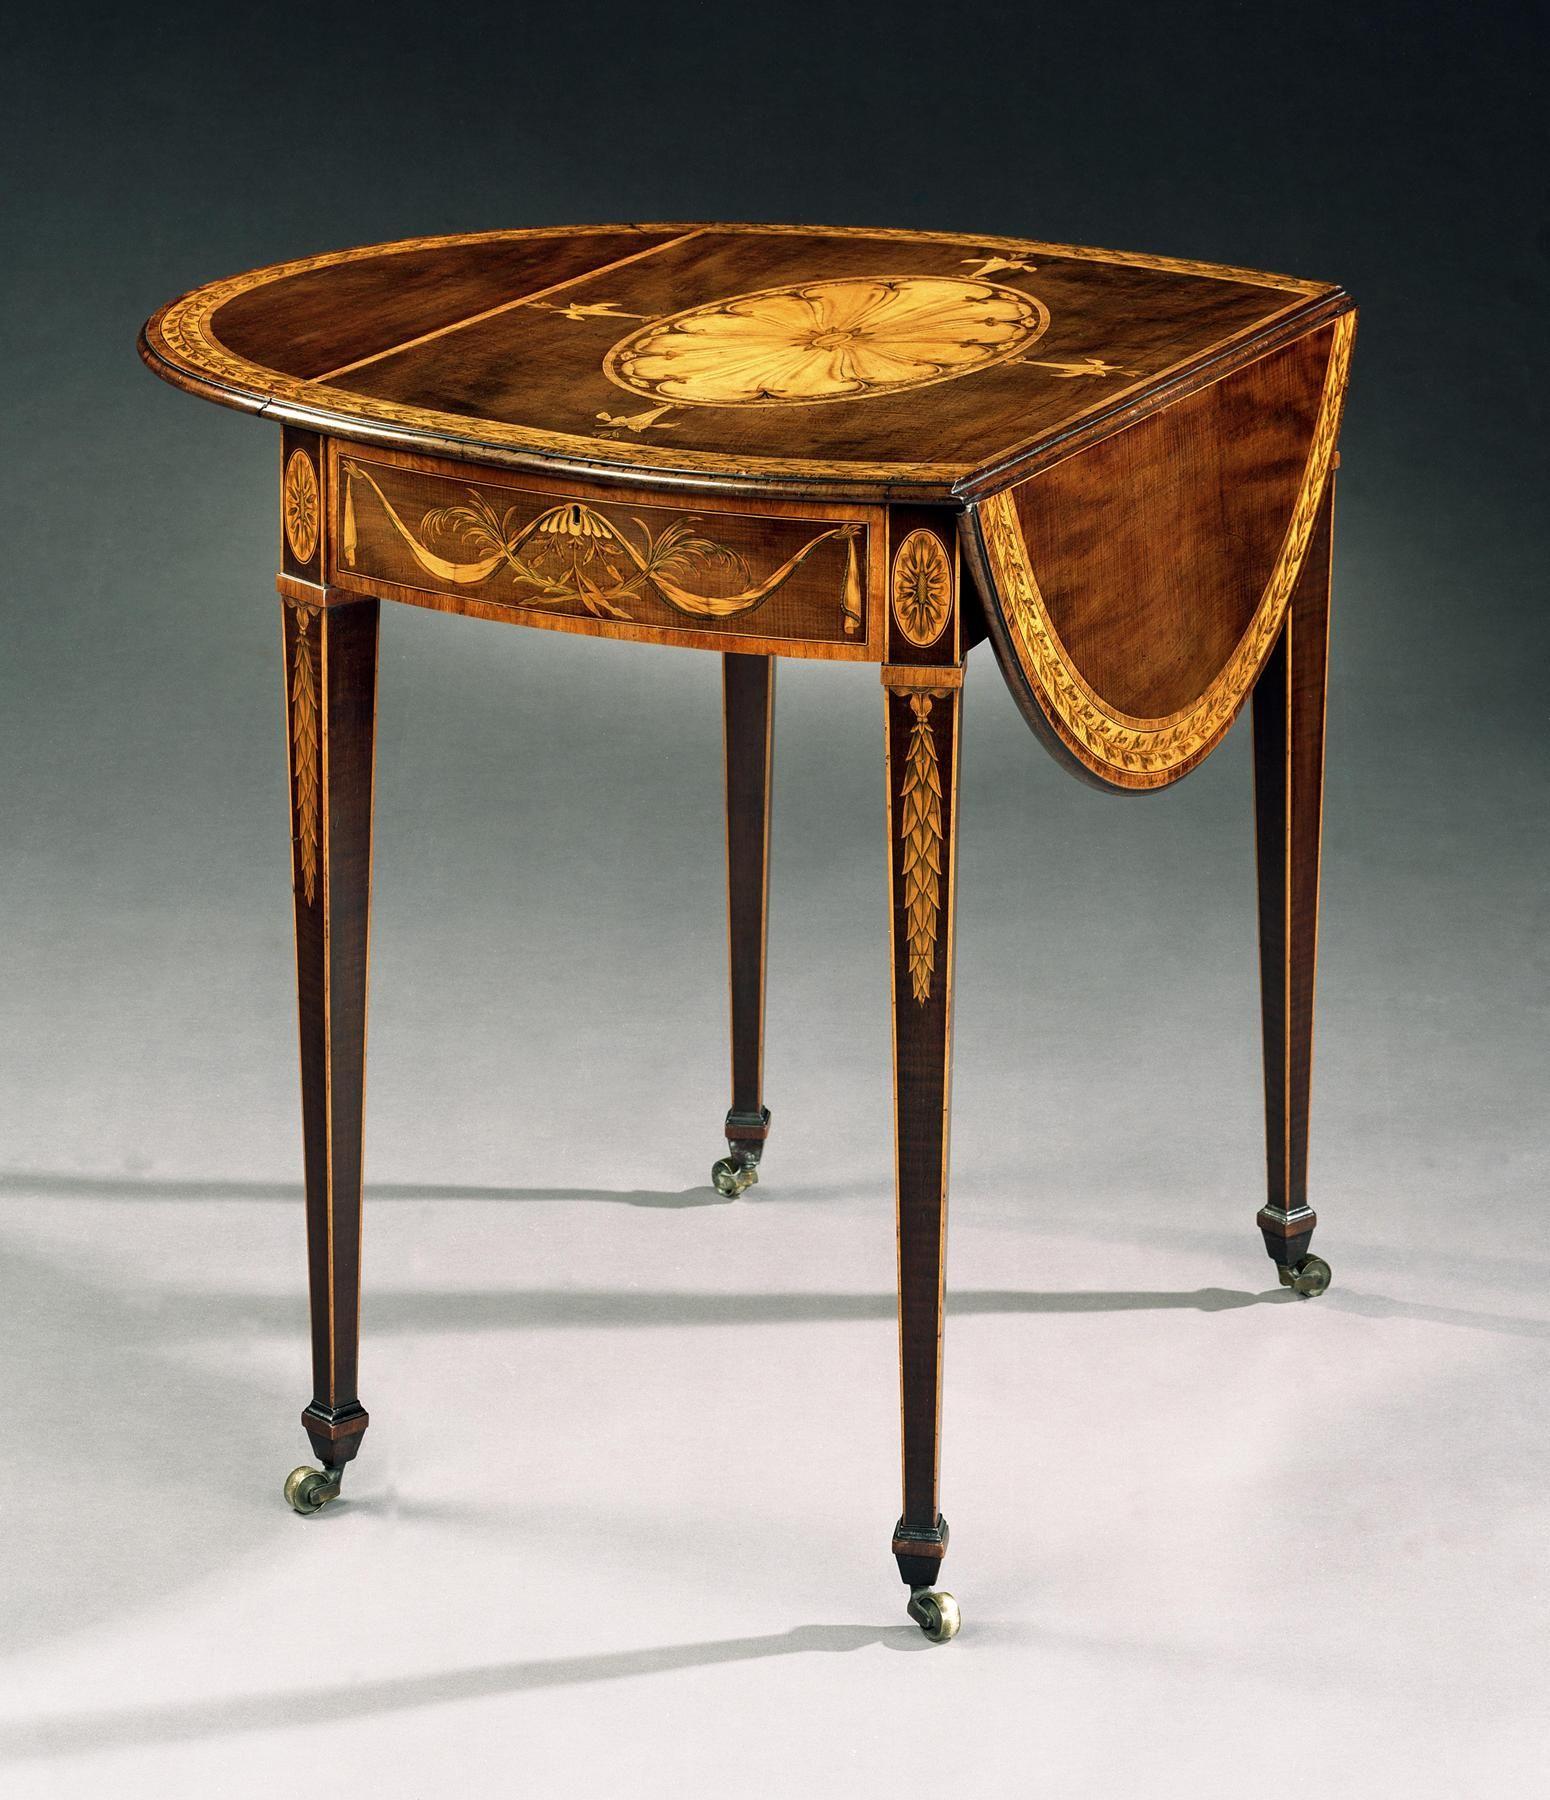 die besten 25 pembroke table ideen auf pinterest englische antike m bel antike st hle und. Black Bedroom Furniture Sets. Home Design Ideas